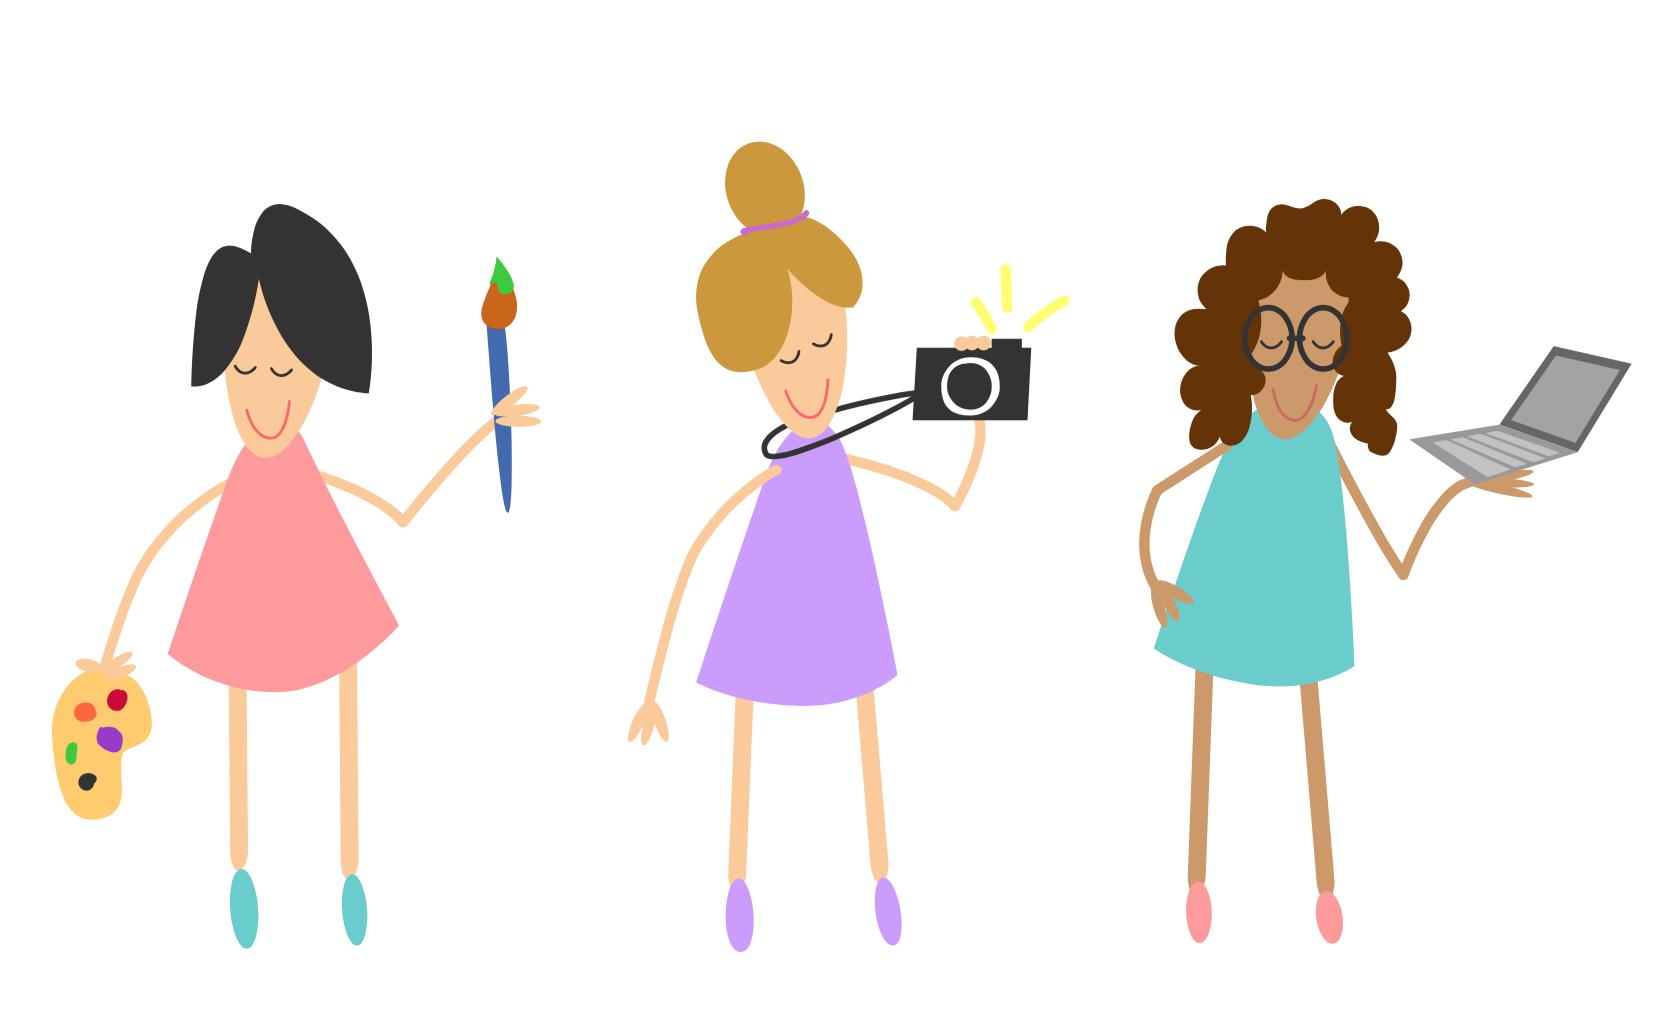 reina-cheerful girls.png